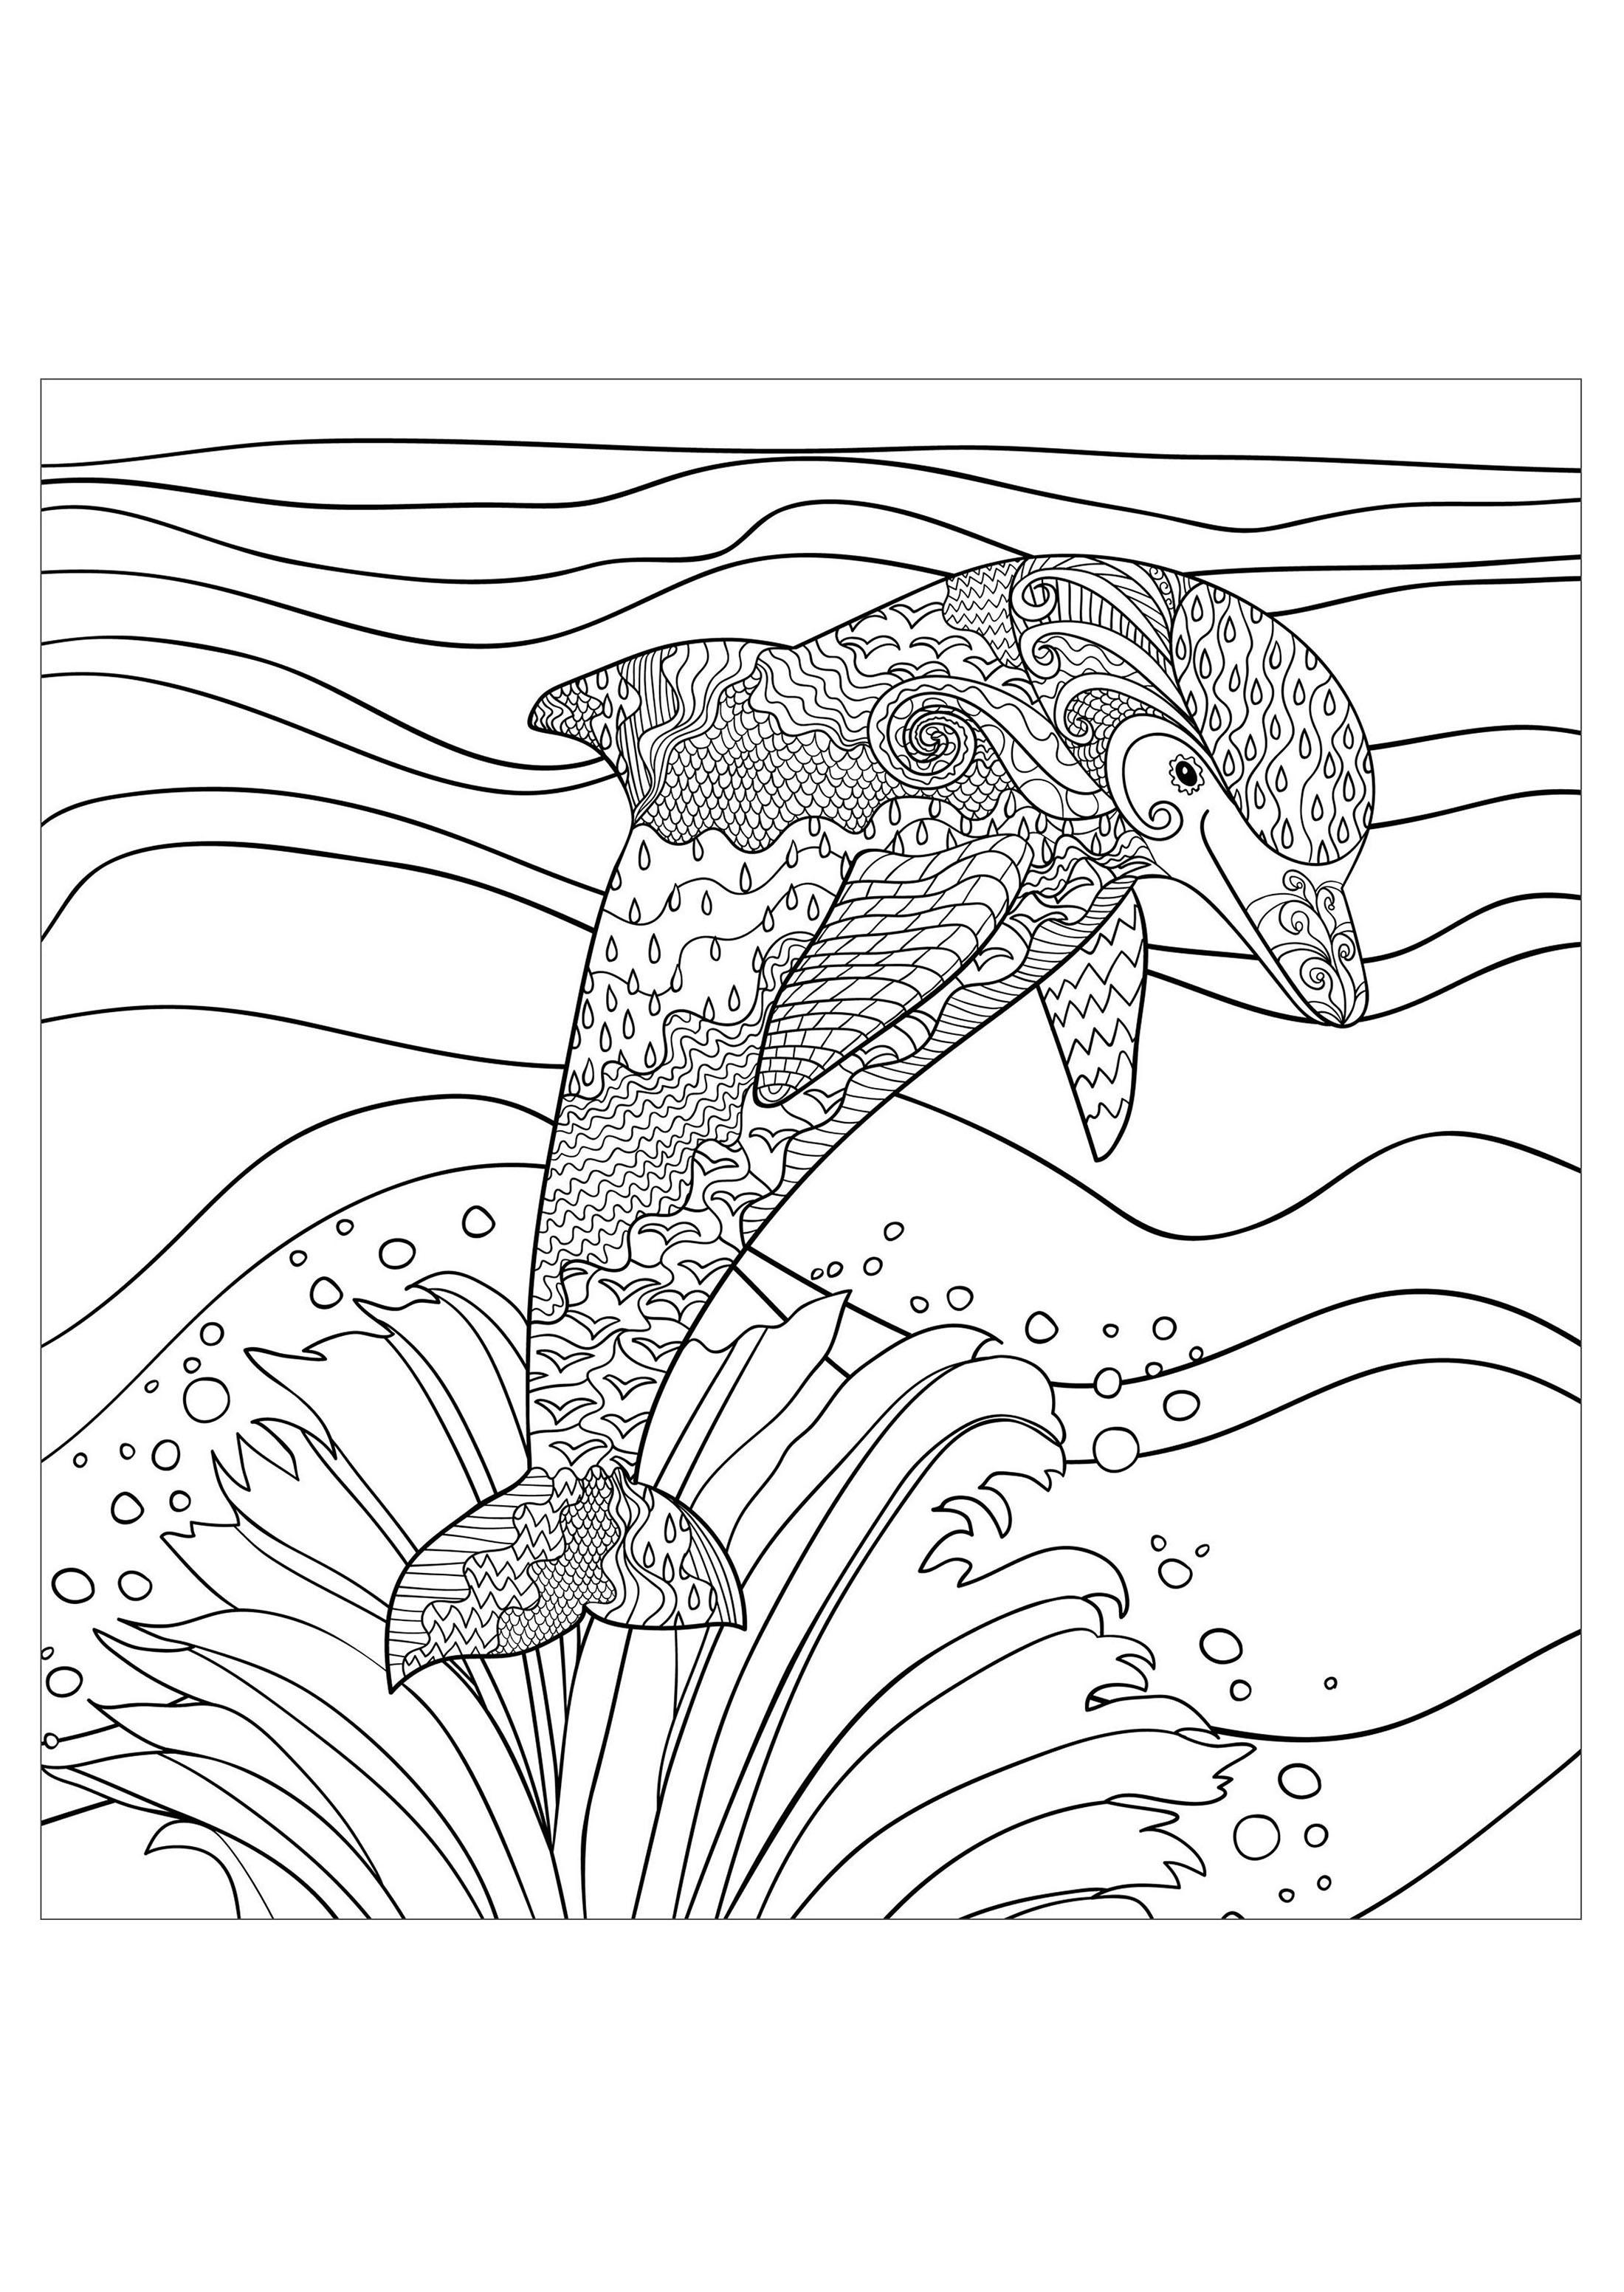 Disegni da colorare per adulti : Delfini - 2